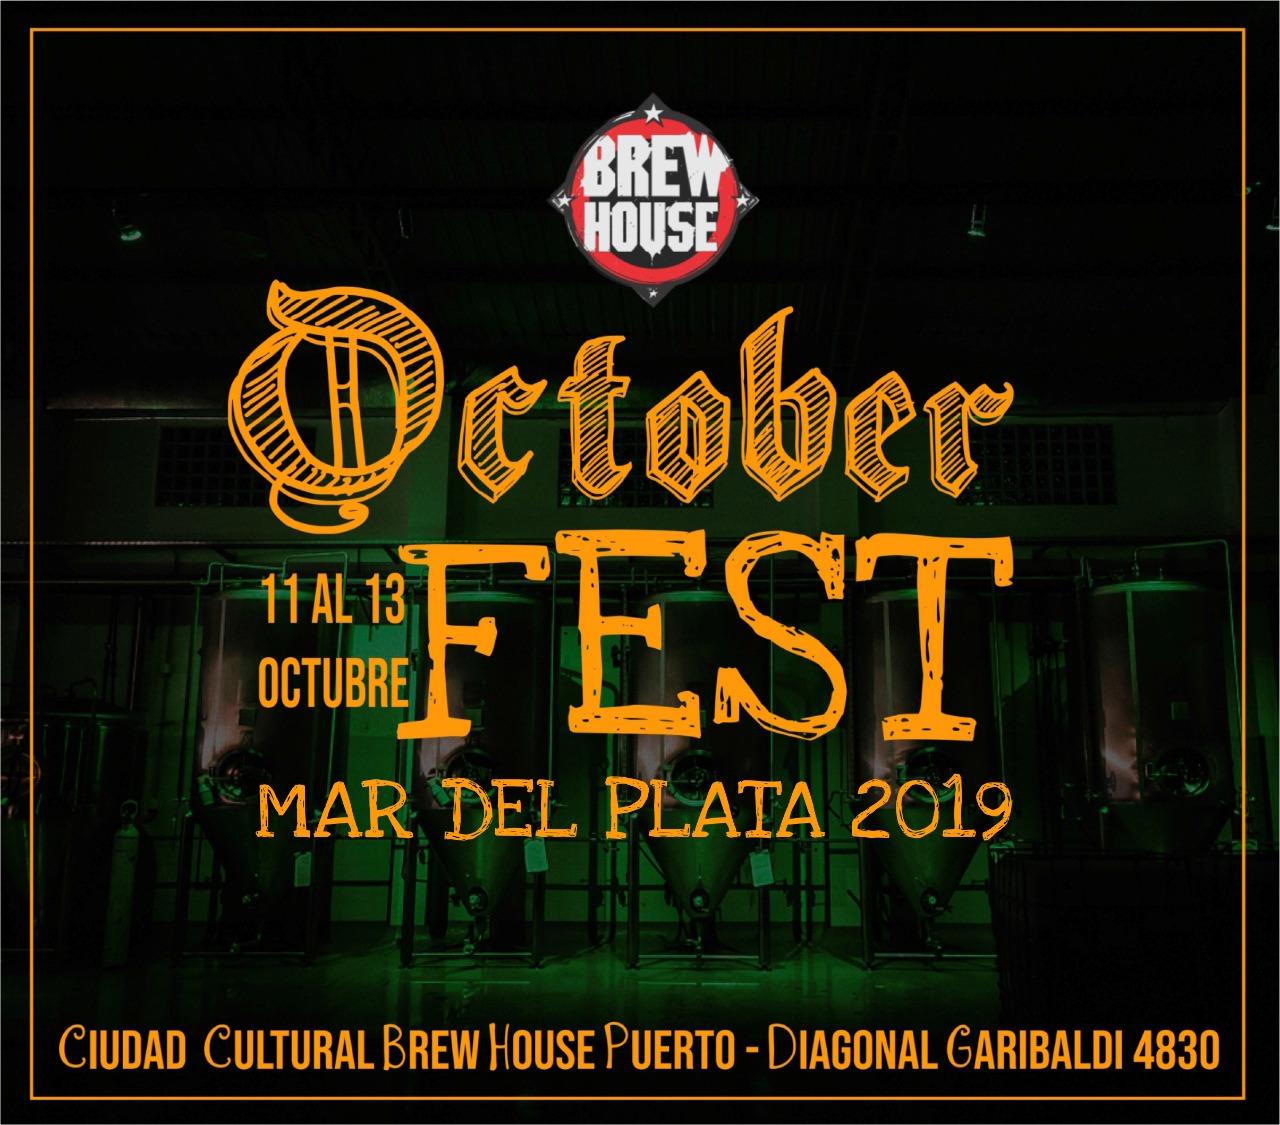 Con una propuesta diferente Mar del Plata celebra el Octoberfest 2019